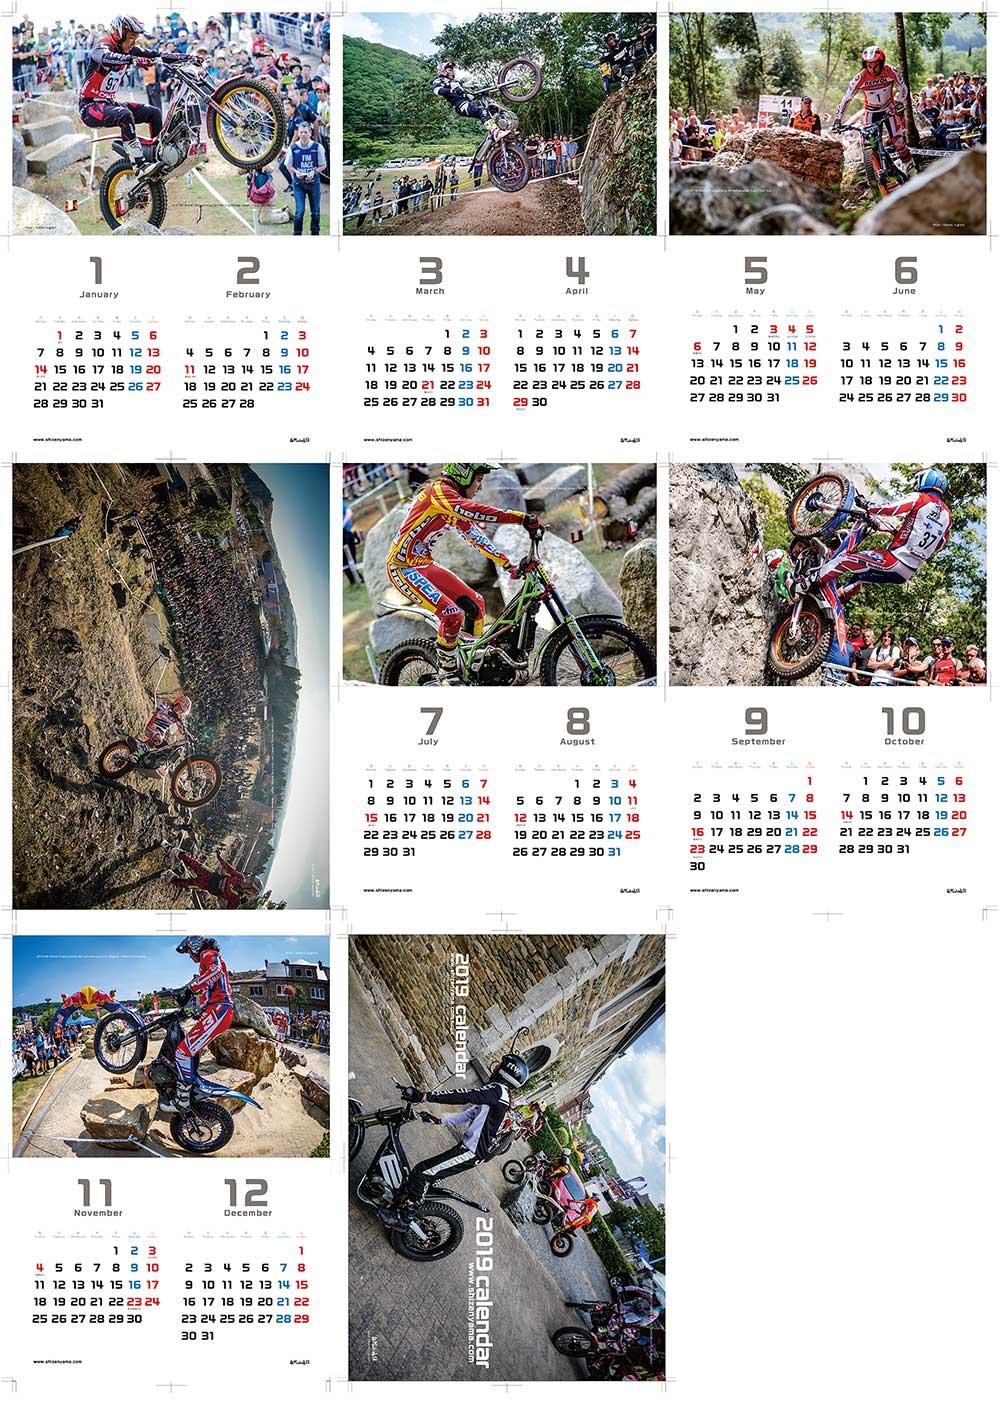 自然山通信オリジナル2019年トライアルカレンダー